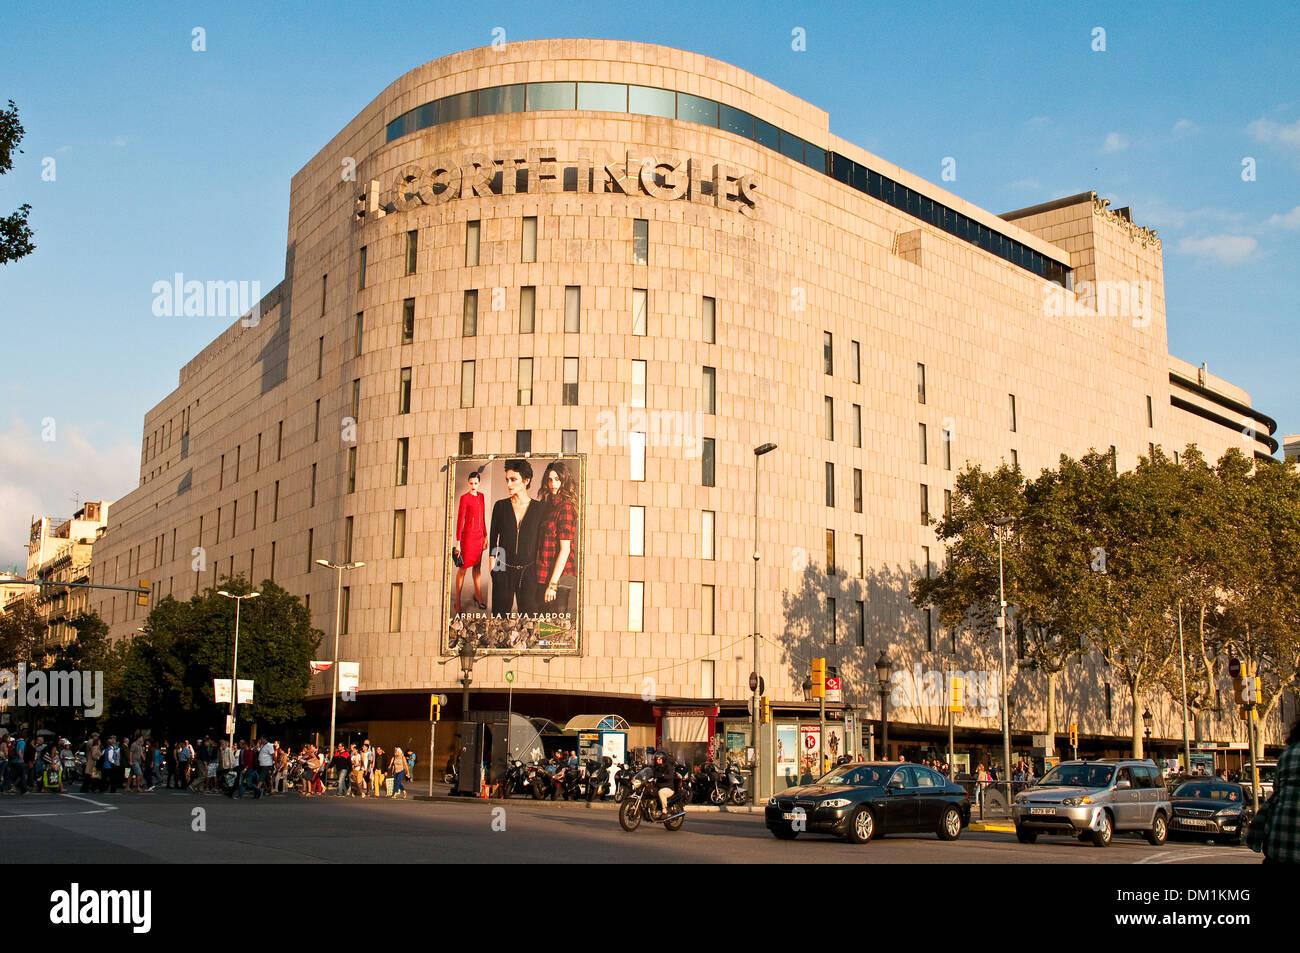 El corte ingles barcelona stock photos el corte ingles - El corte ingles plaza cataluna barcelona ...